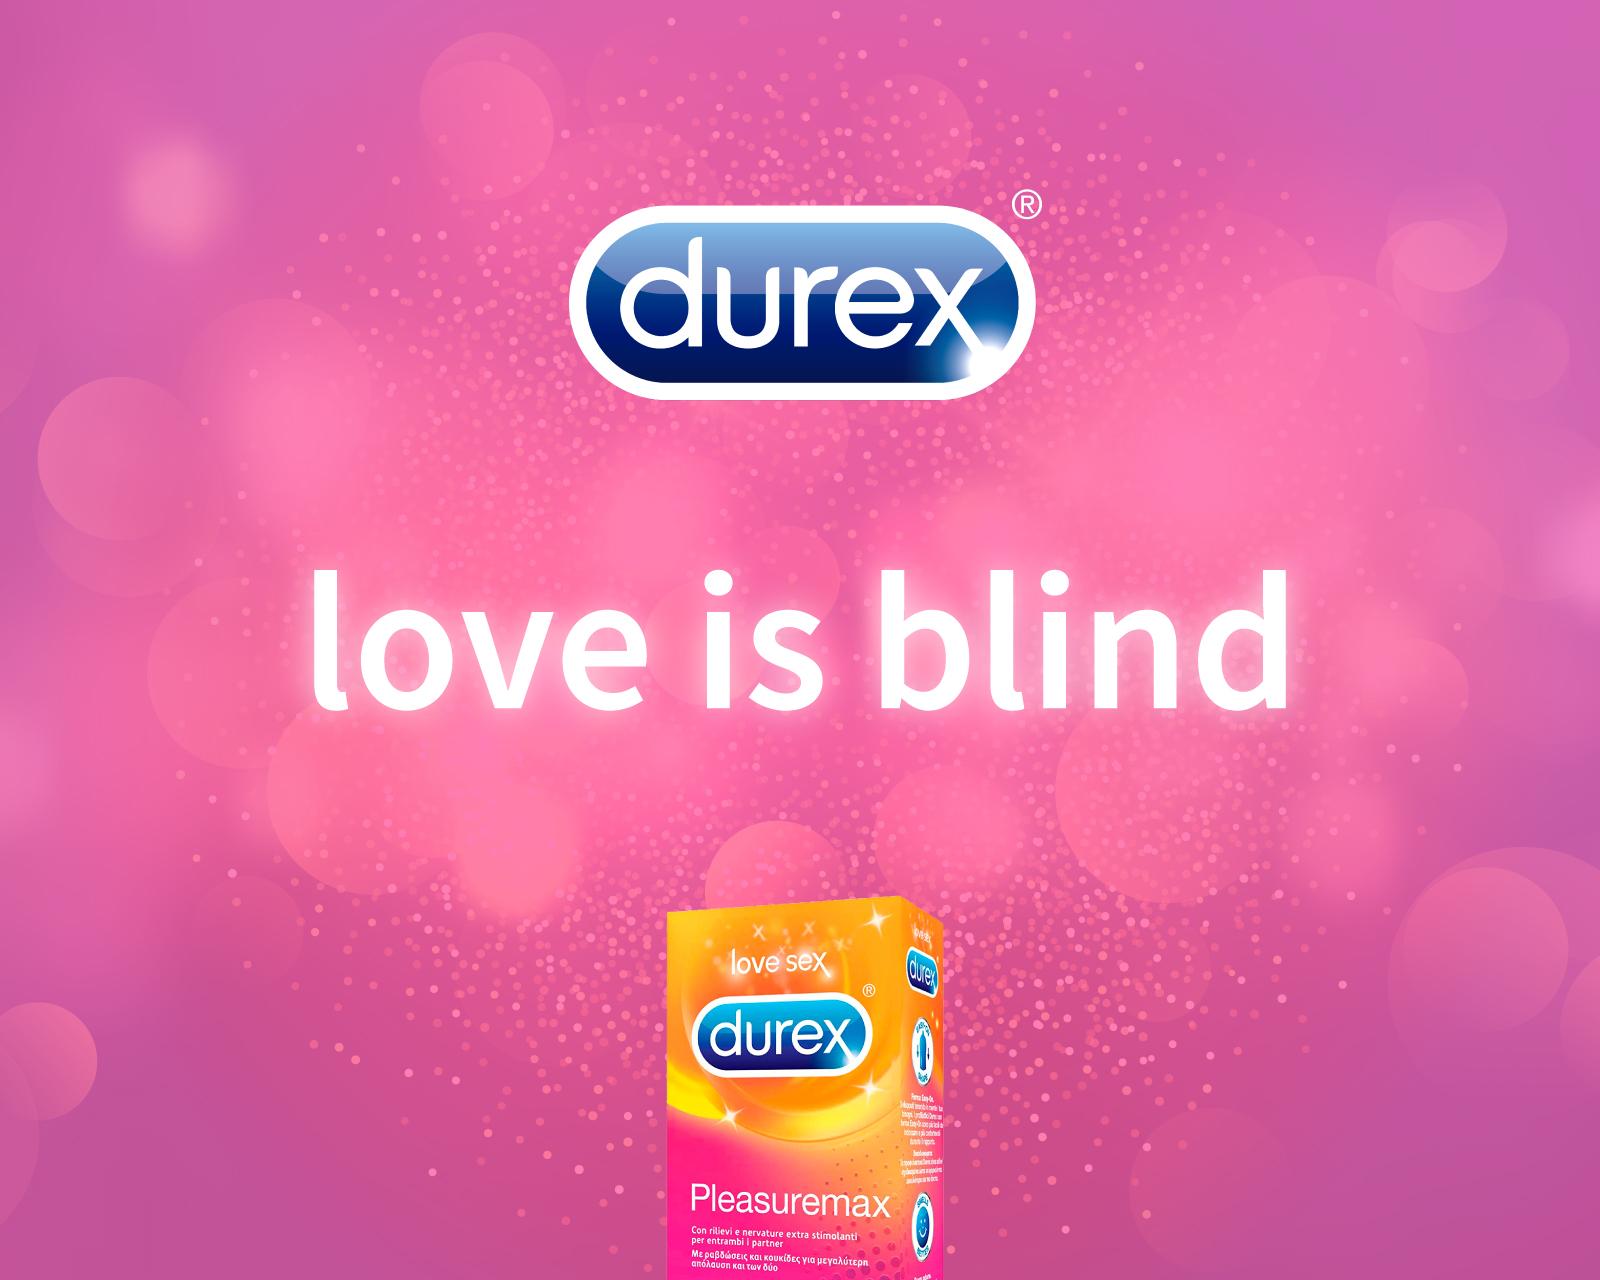 Luca Forlani Graphic Design Durex Pleasuremax Love is blind img cover